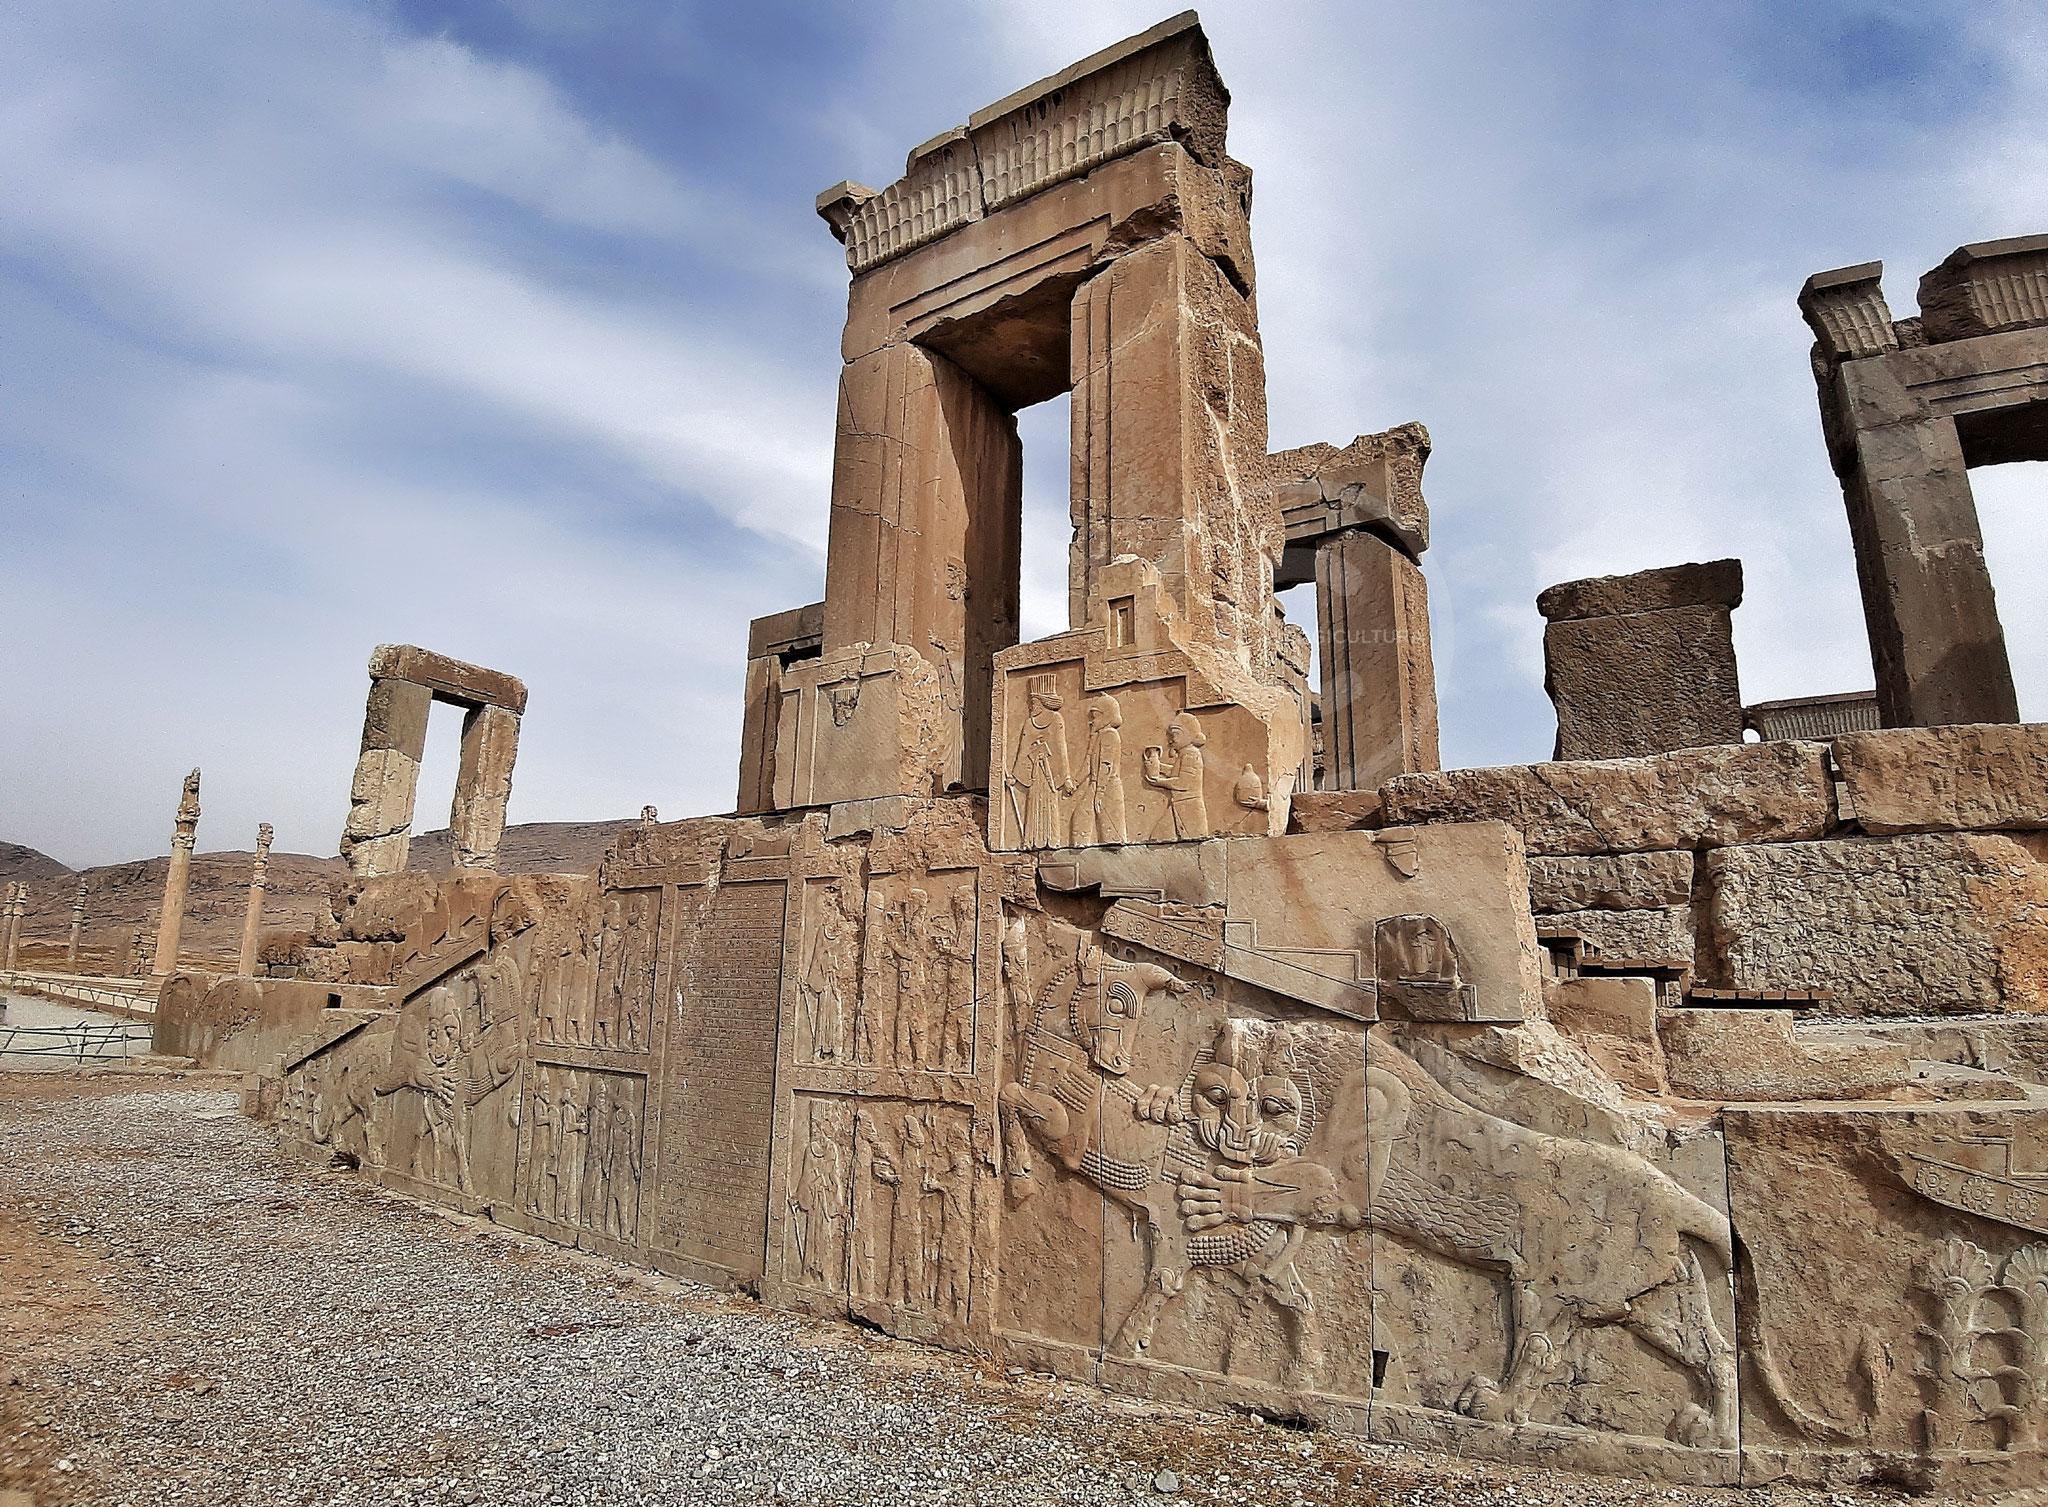 Tachar o Palazzo Privato di Dario I. Le scalinate furono costruite da Artaserse III. La lapide incisa collocata al centro, fu l'ultima iscrizione in persiano antico ritrovata a Persepoli (15 anni dopo giunse Alessandro Magno) - Persepoli (Iran)